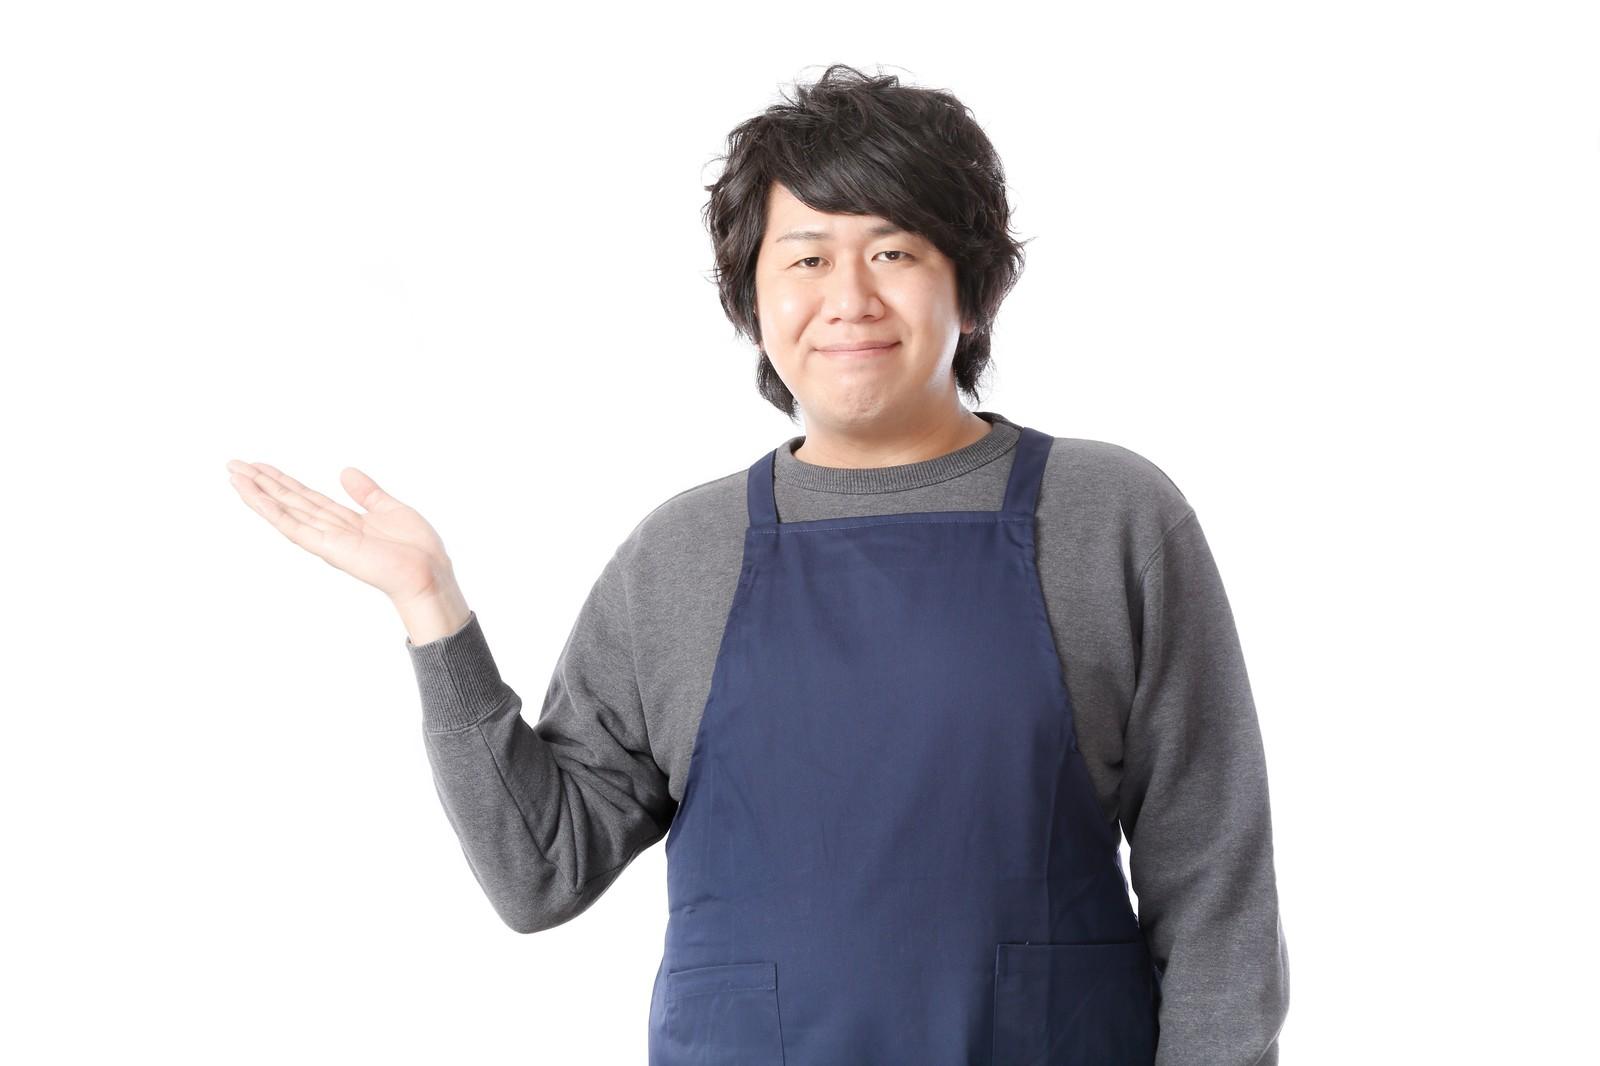 【カラオケ】カラオケ屋の店員って歌うまいの?